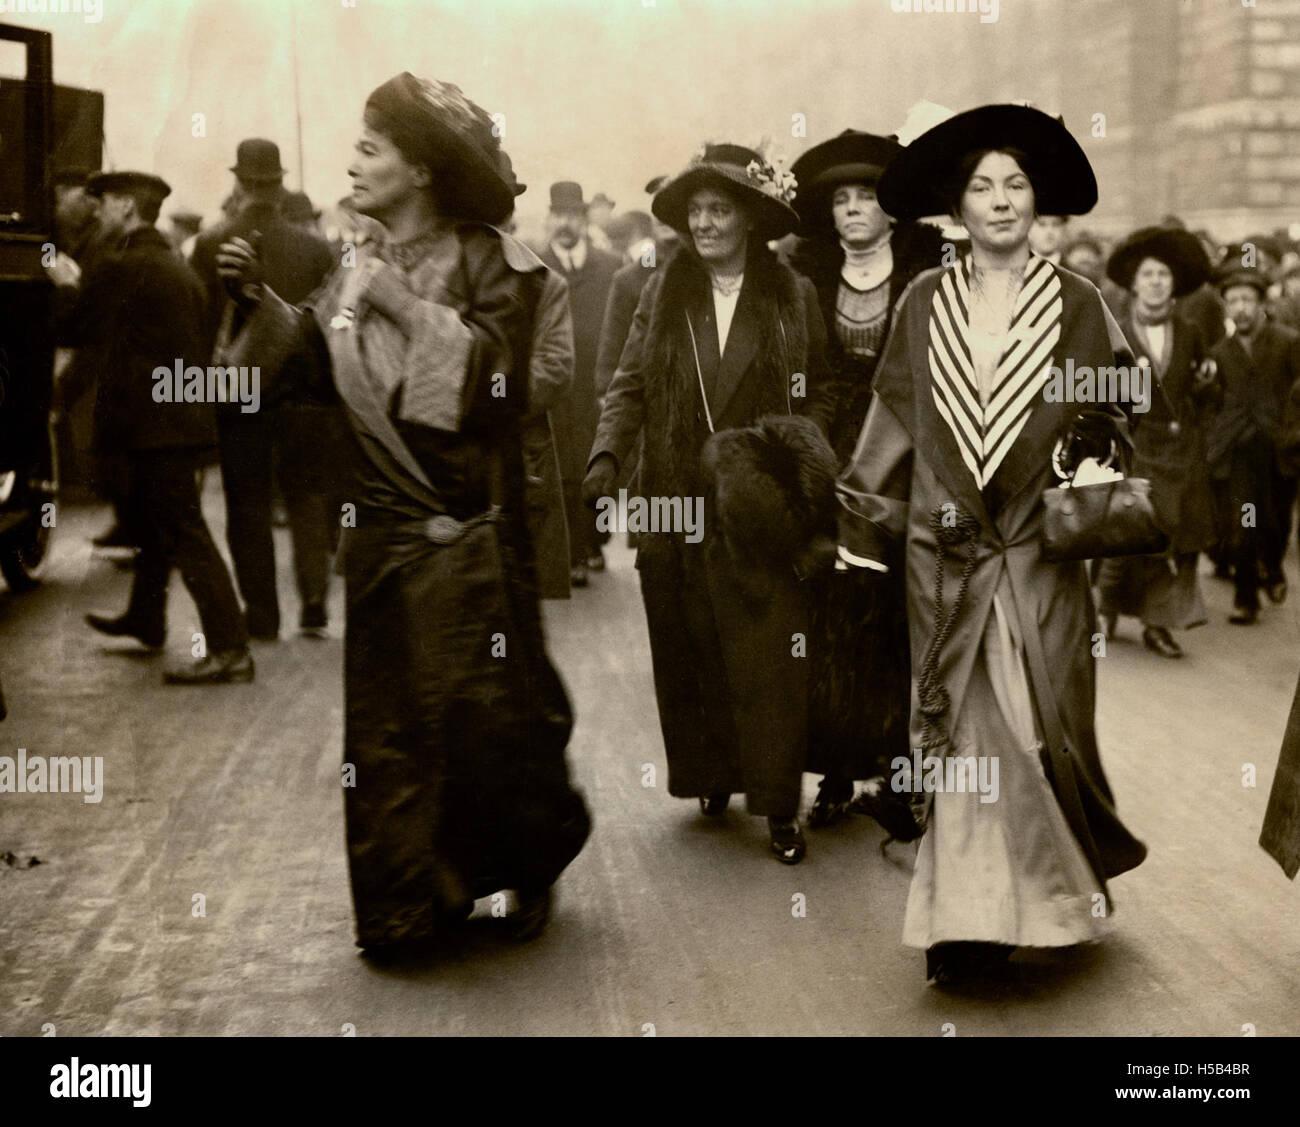 Emmeline Pethick Lawrence and Christabel Pankhurst, c.1908-1912. Stock Photo